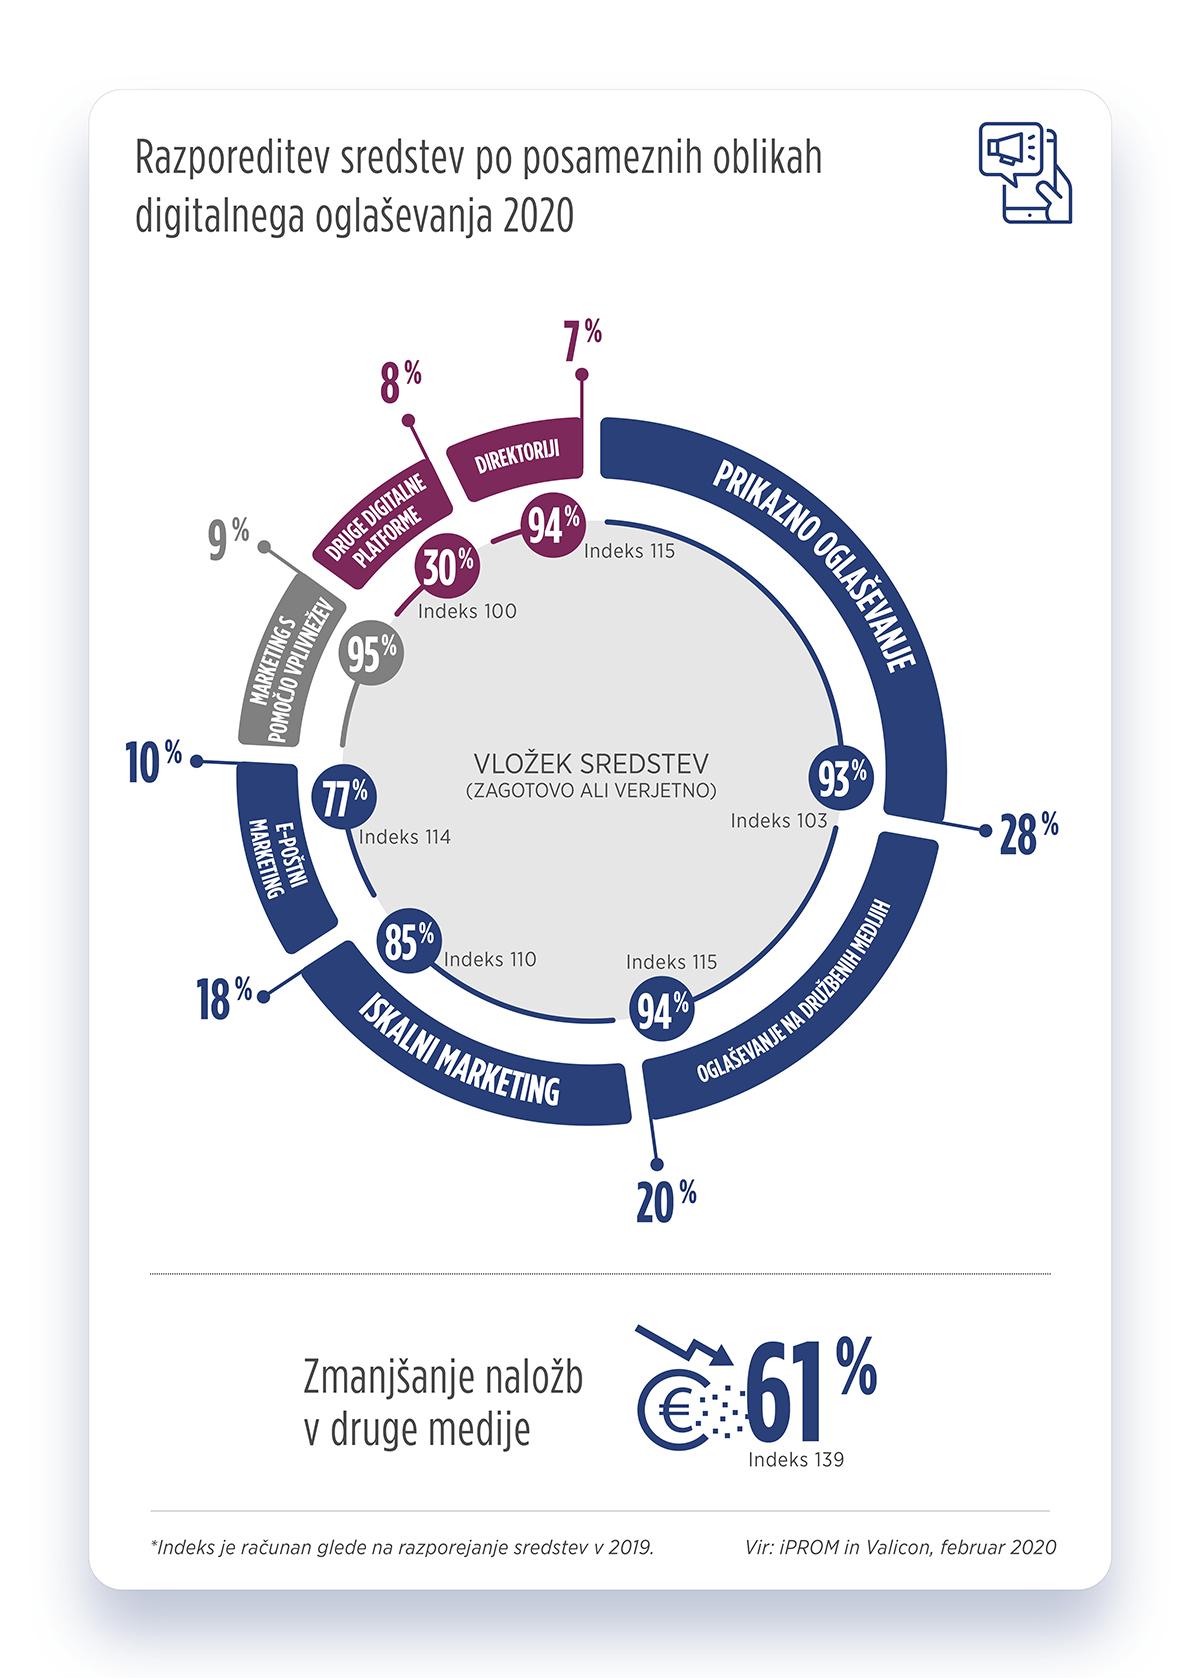 Razporeditev sredstev po posameznih oblikah digitalnega oglaševanja 2020 - iPROM - Press